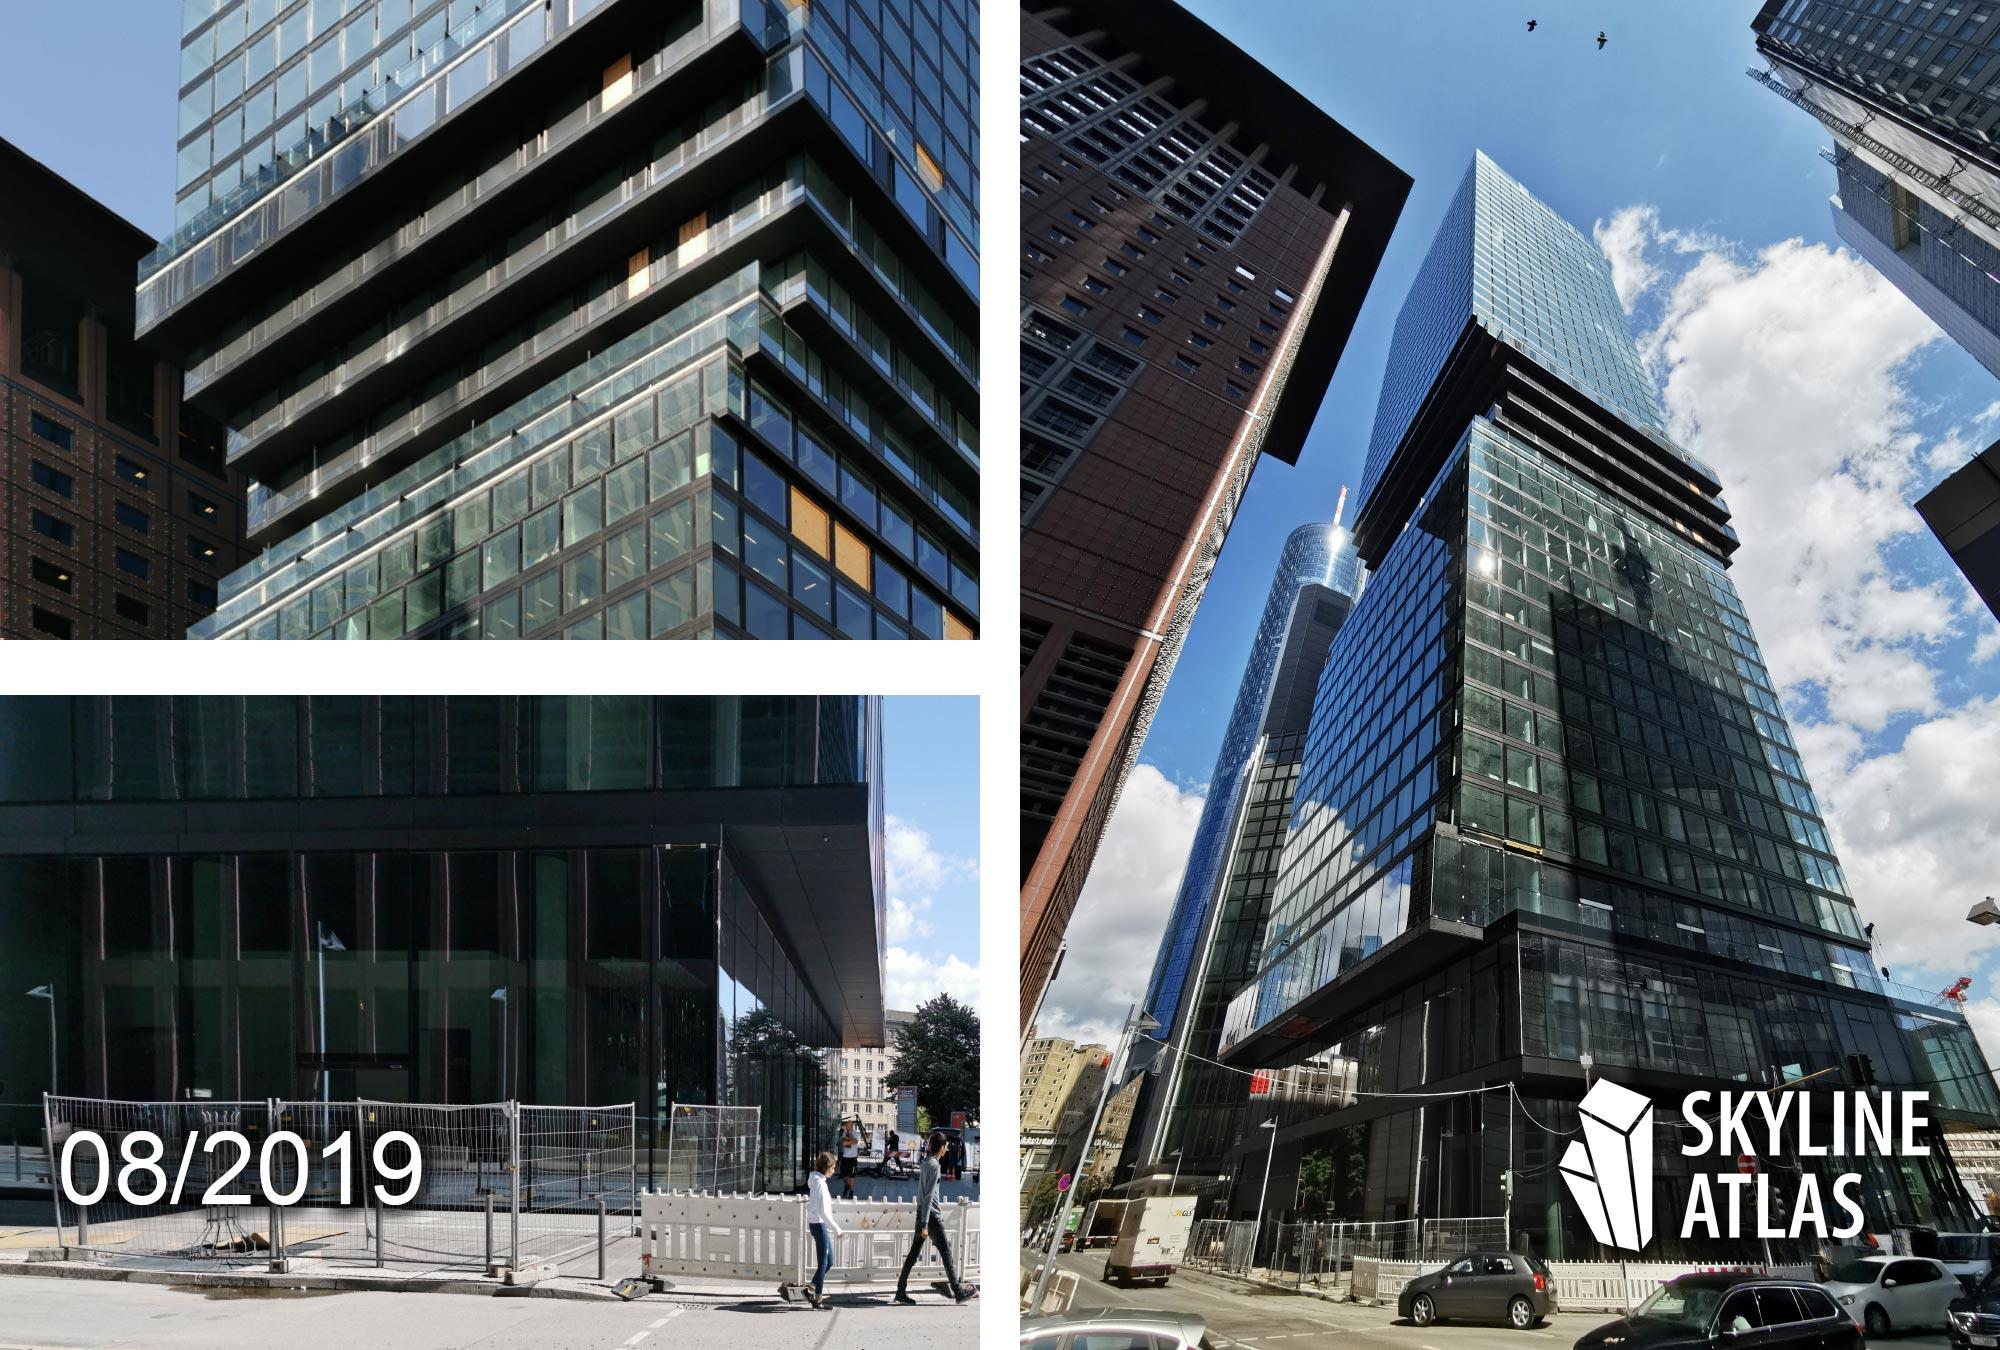 OmniTurm in Frankfurt - Neuer Mixed Use Wolkenkratzer im Bankenviertel - Hochhaus von BIG Bjarke Ingels Architekten - Baustelle August 2019